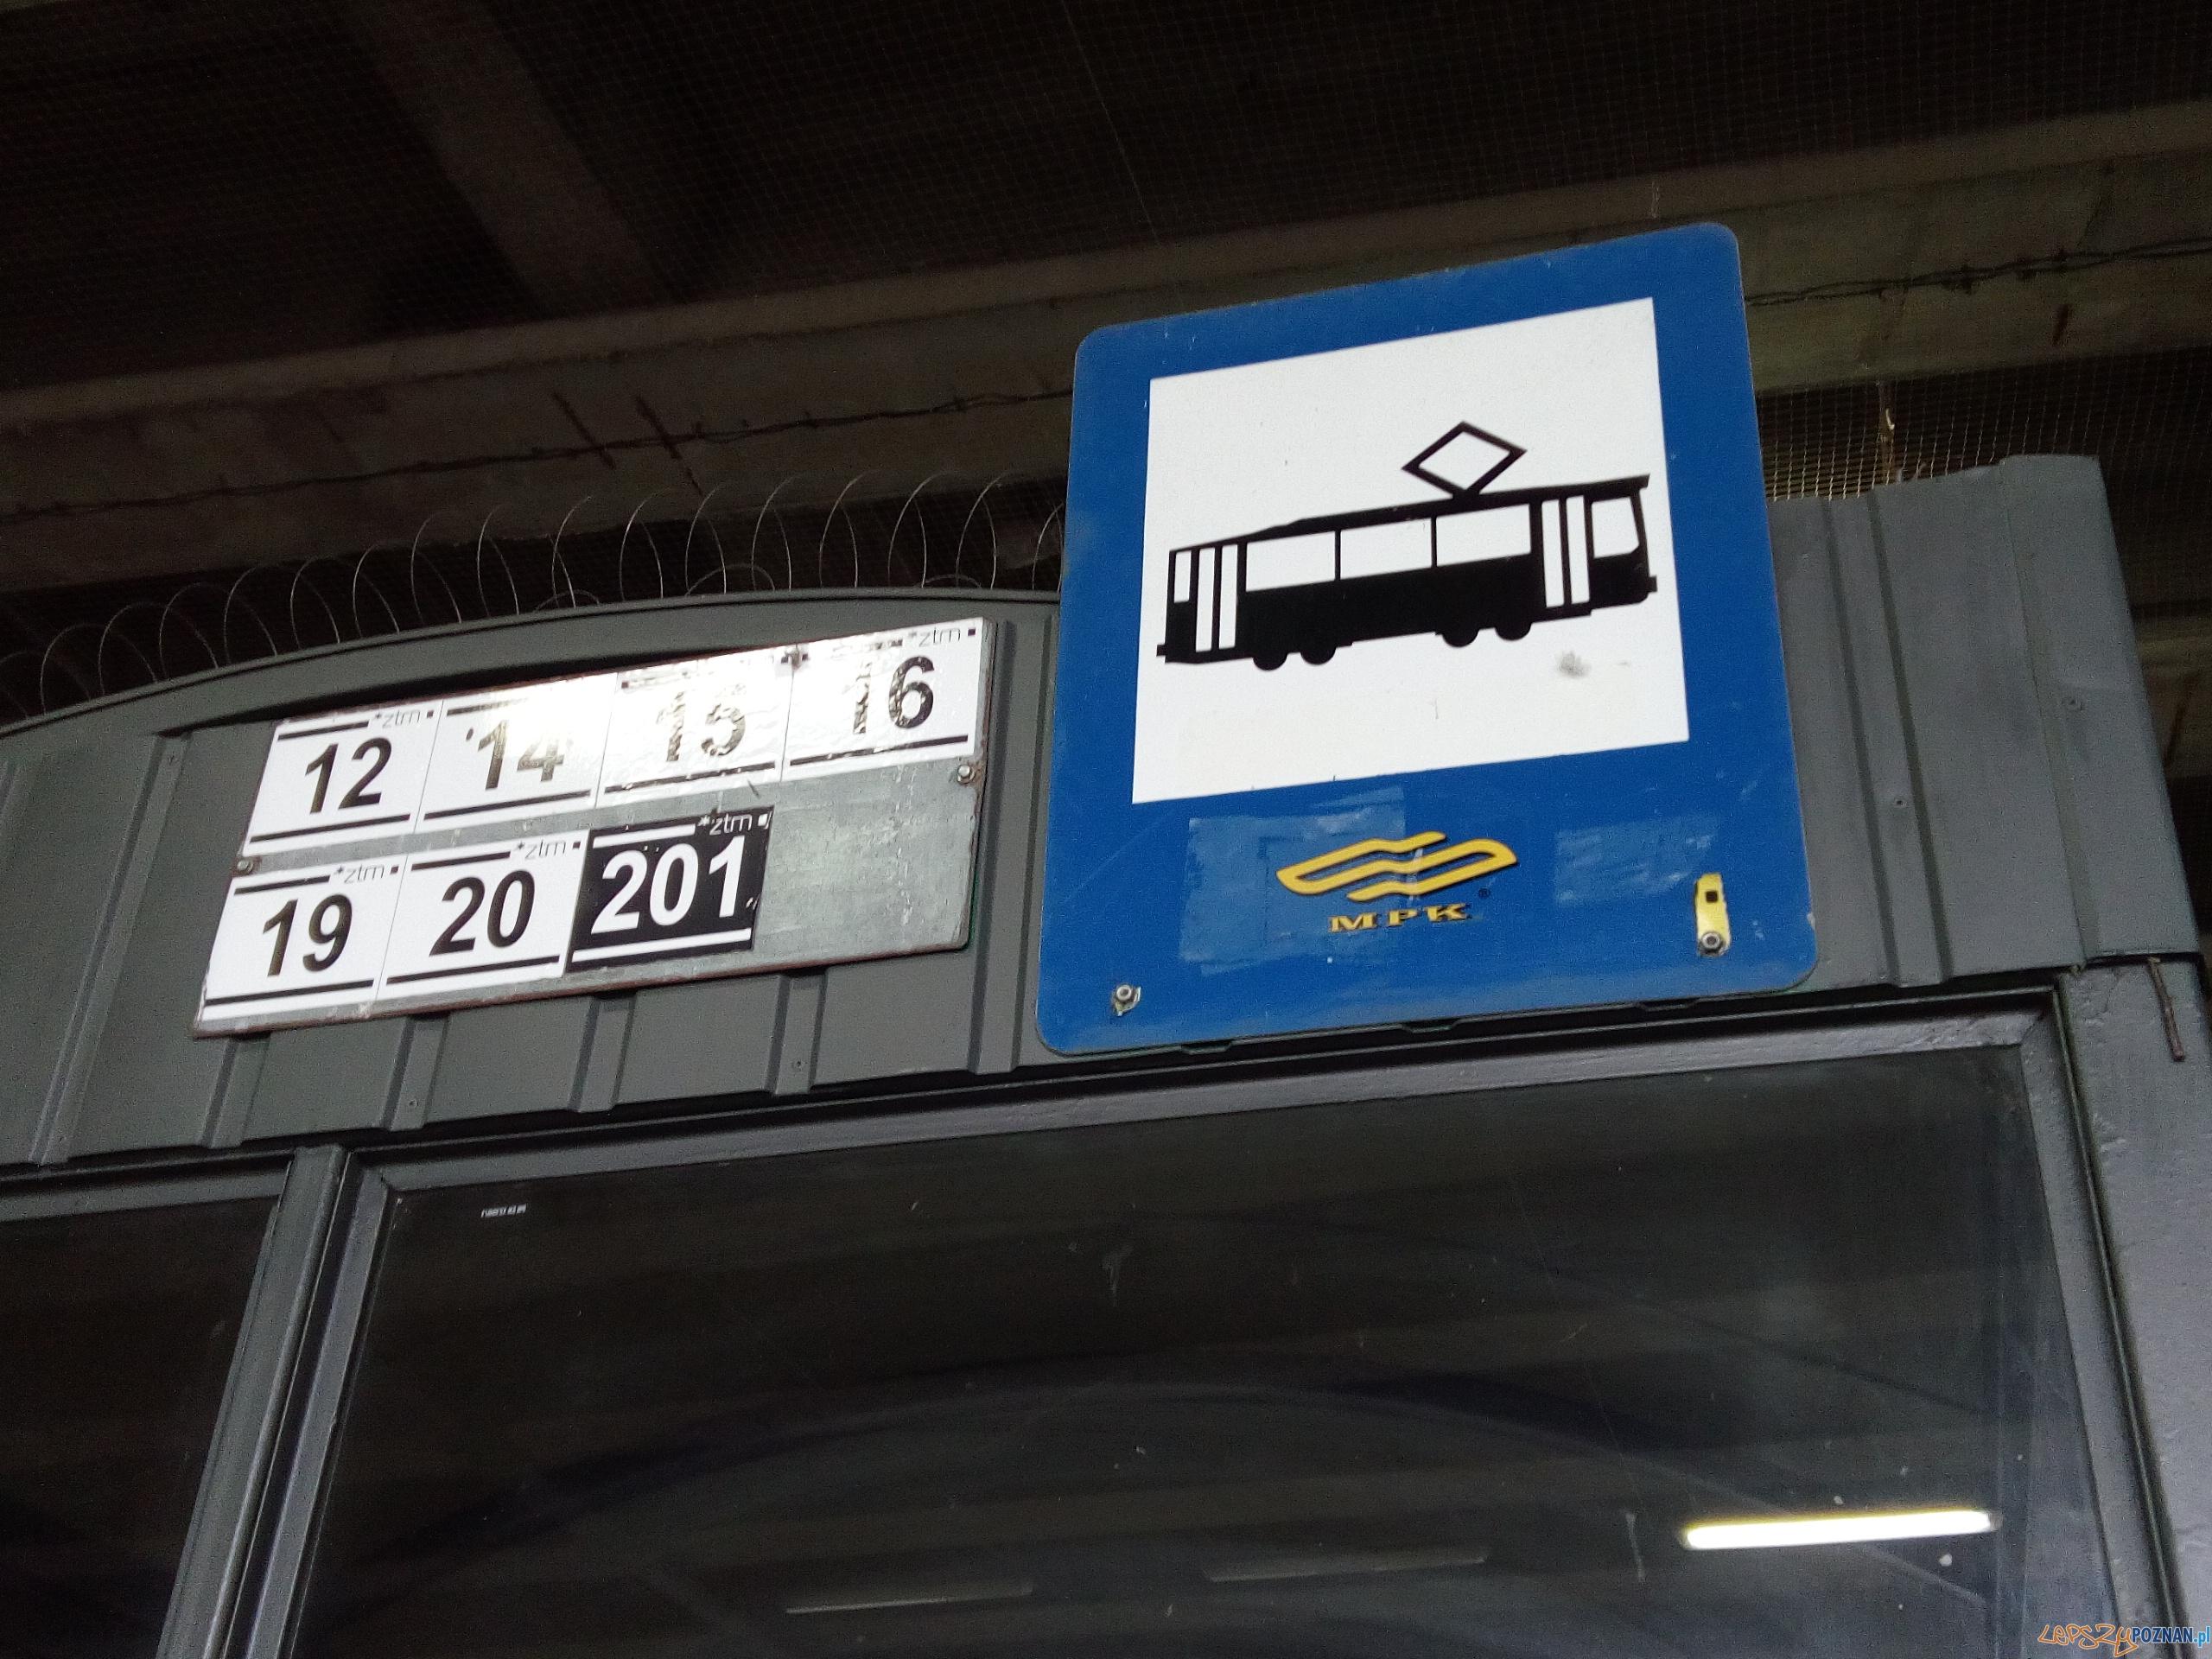 Przystanek tramwajowy  Foto: Karolina Kiraga / lepszyPOZNAN.pl